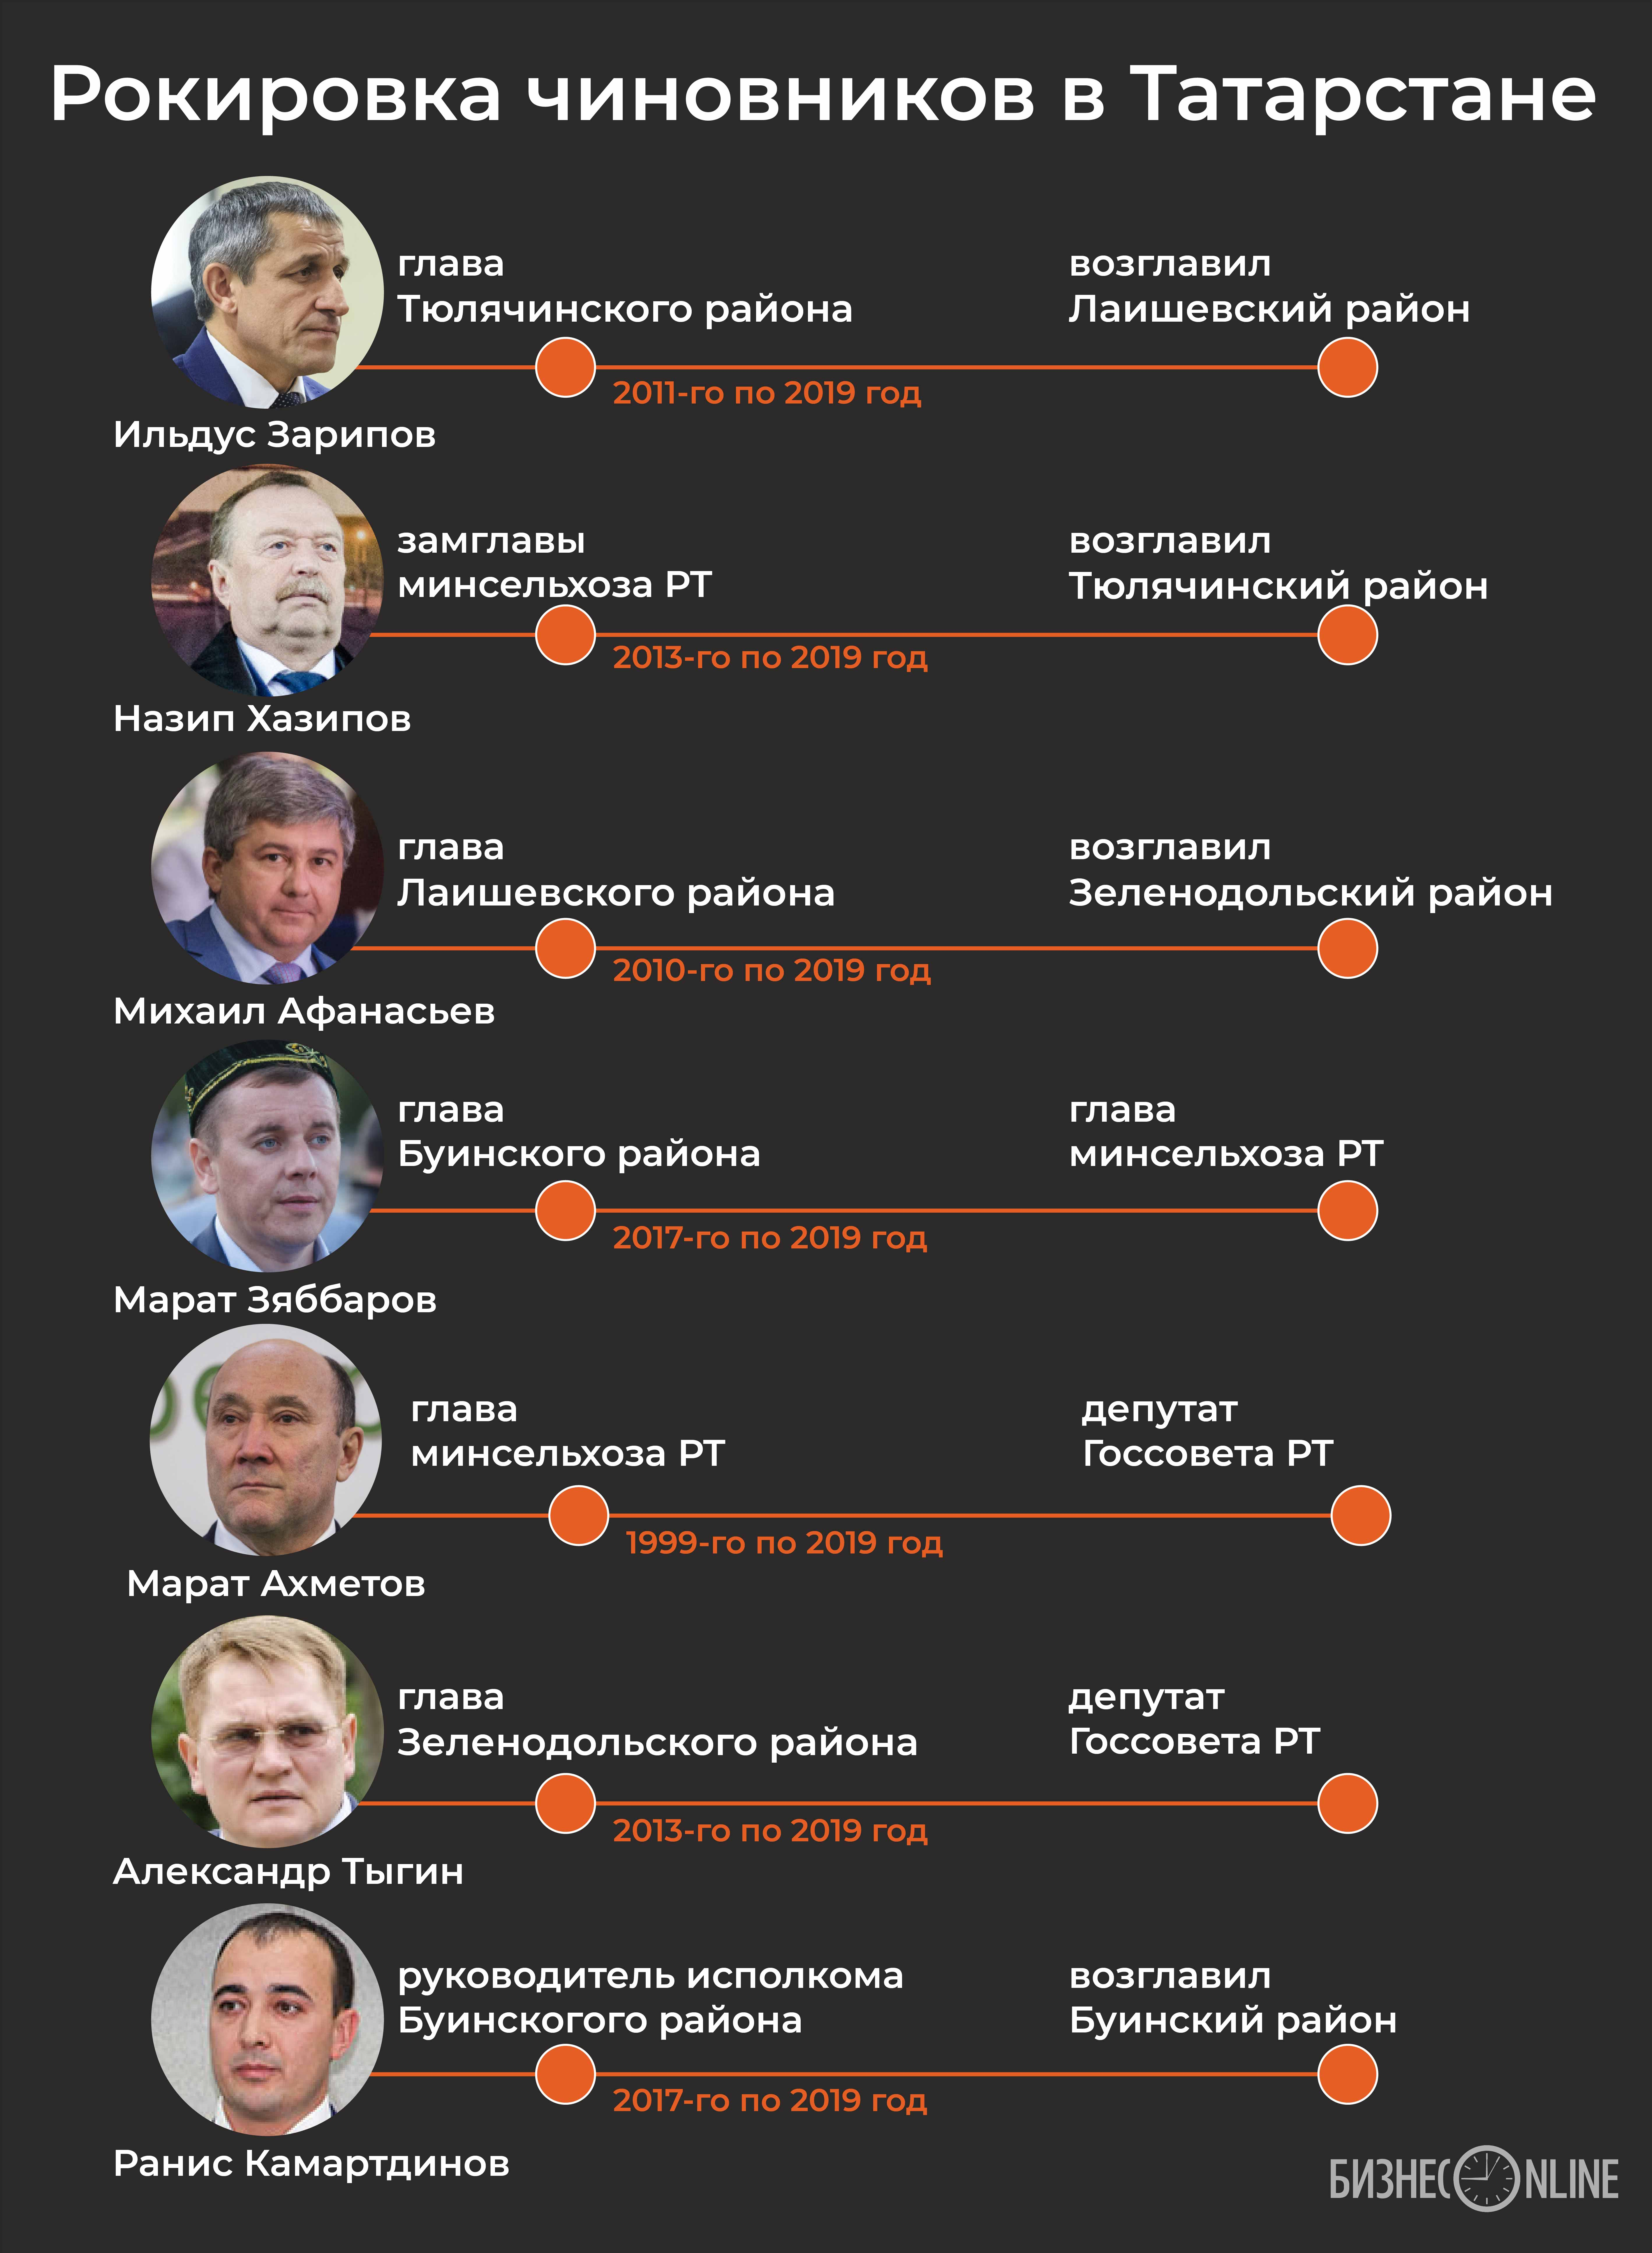 Рокировка чиновников в Татарстане в одной картинке